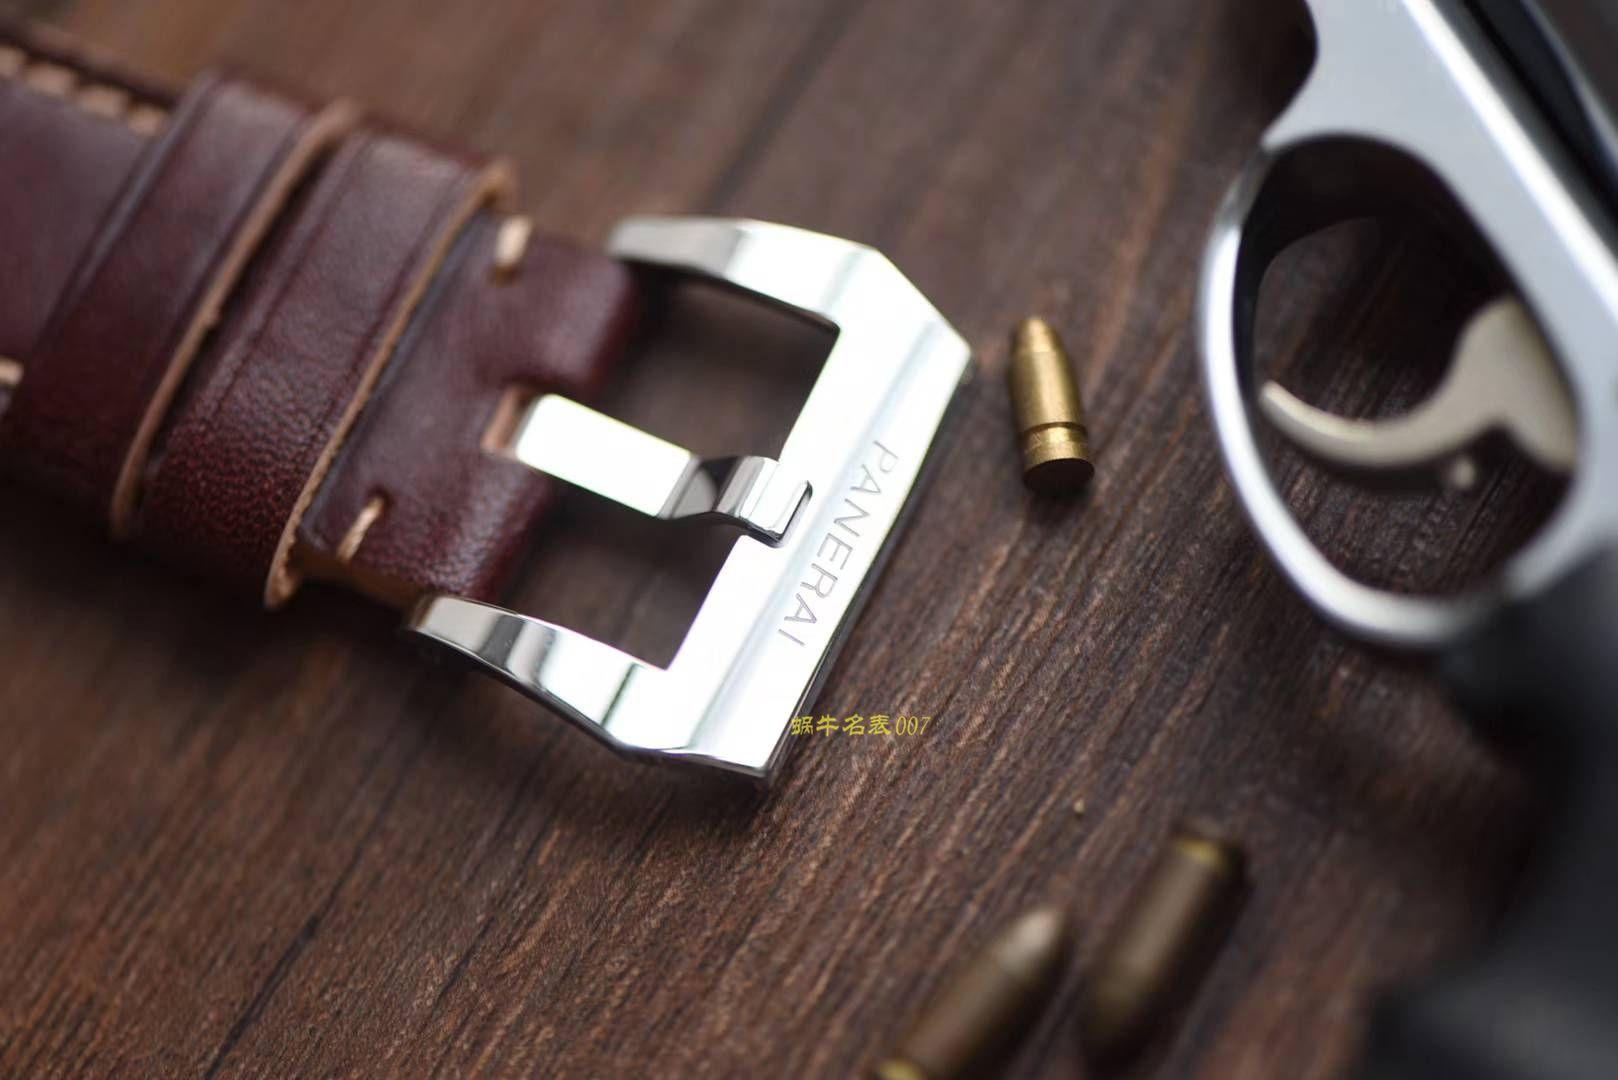 沛纳海LUMINOR系列PAM00488腕表【SF一比一顶级复刻手表】